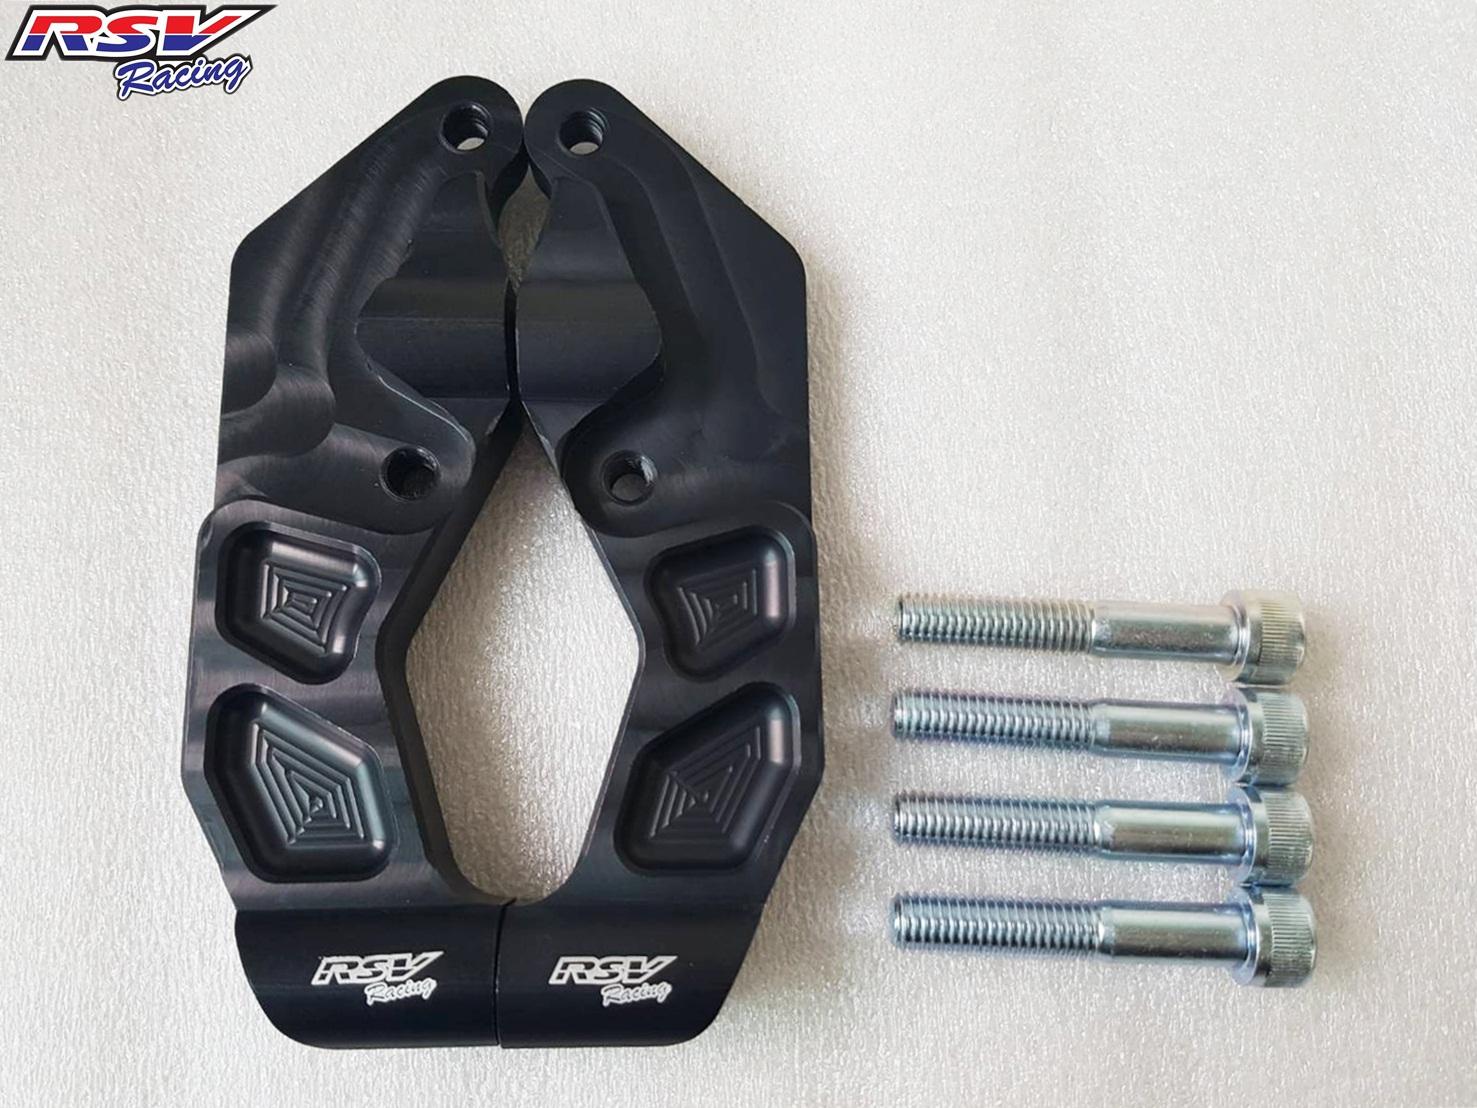 ขาปั้มหน้า Z900_17 M4-100